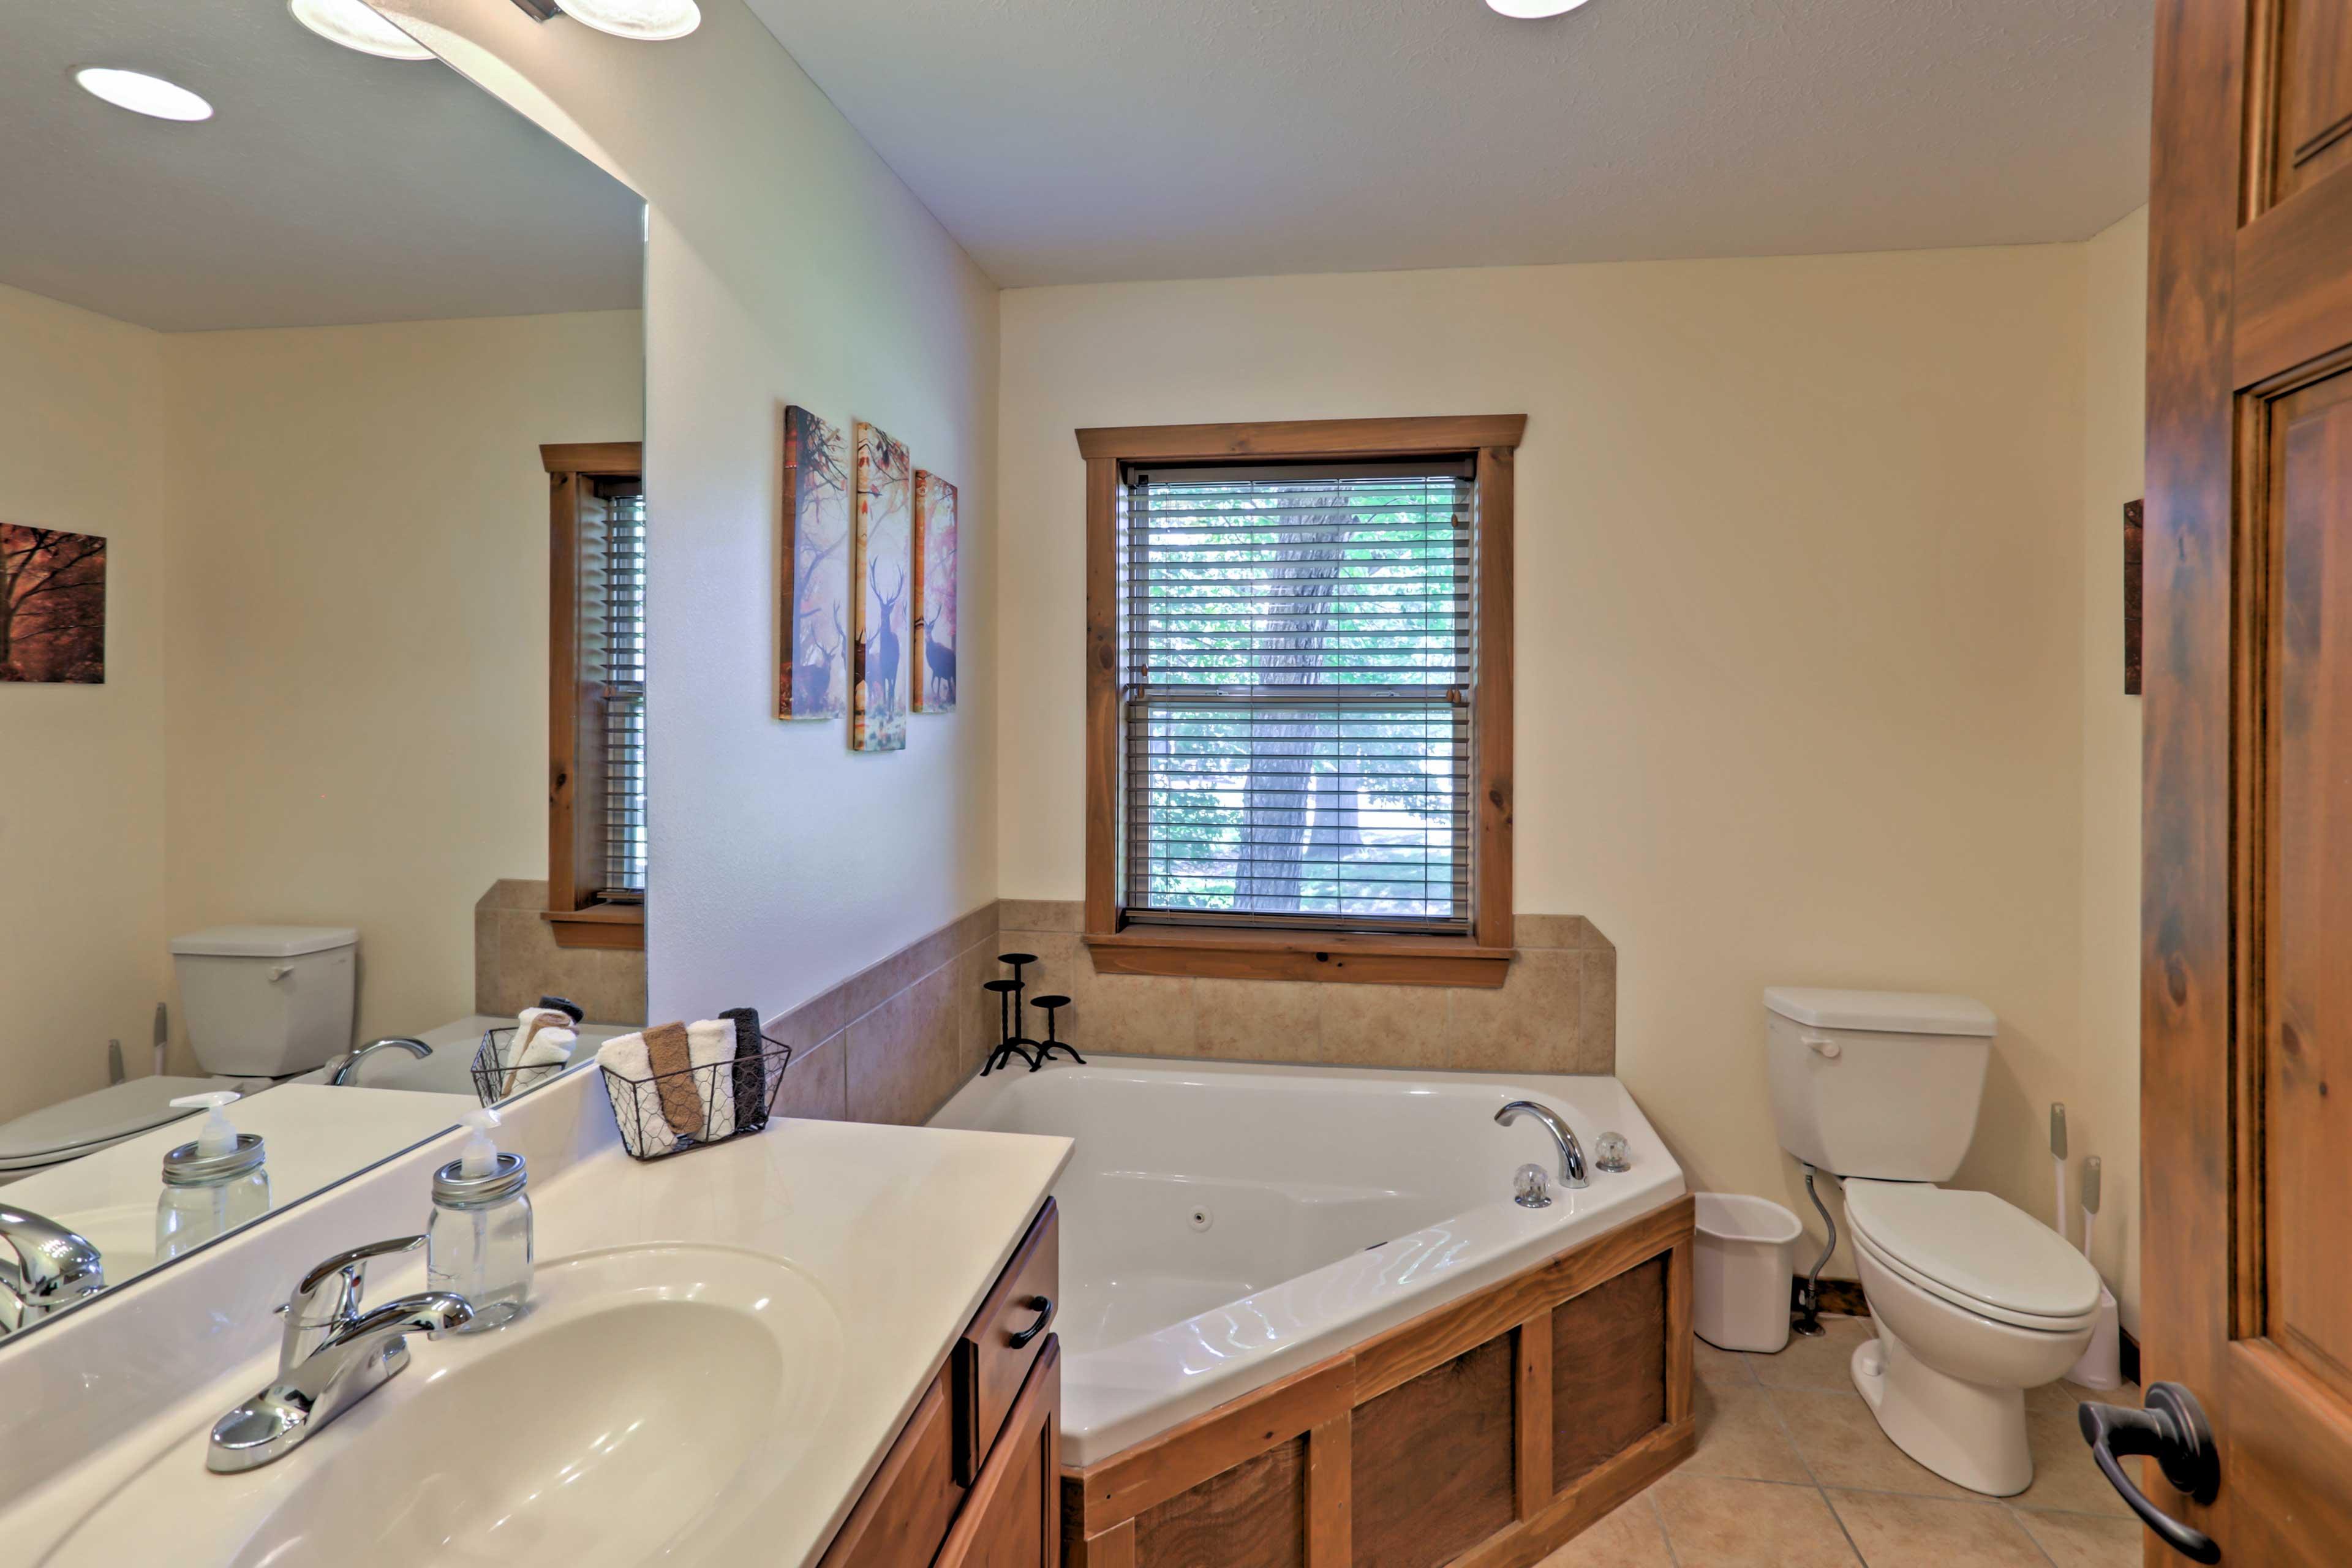 Full Bathroom   Jetted Tub